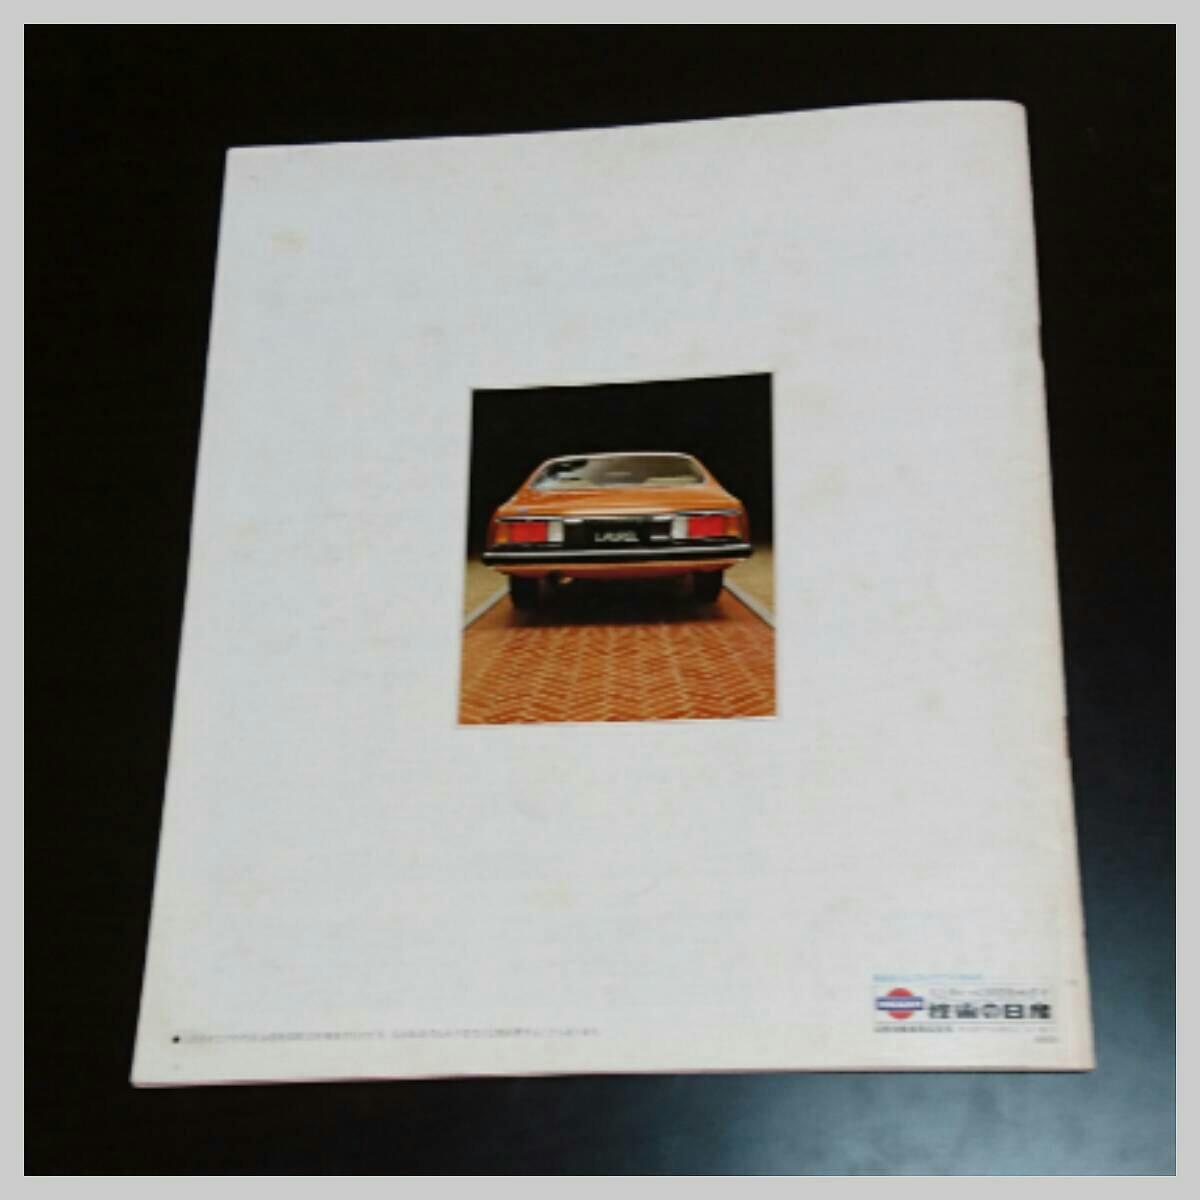 ◯当時物 旧車カタログ 日産 ローレル 昭和レトロ NISSAN LAUREL (SC-25)_画像7